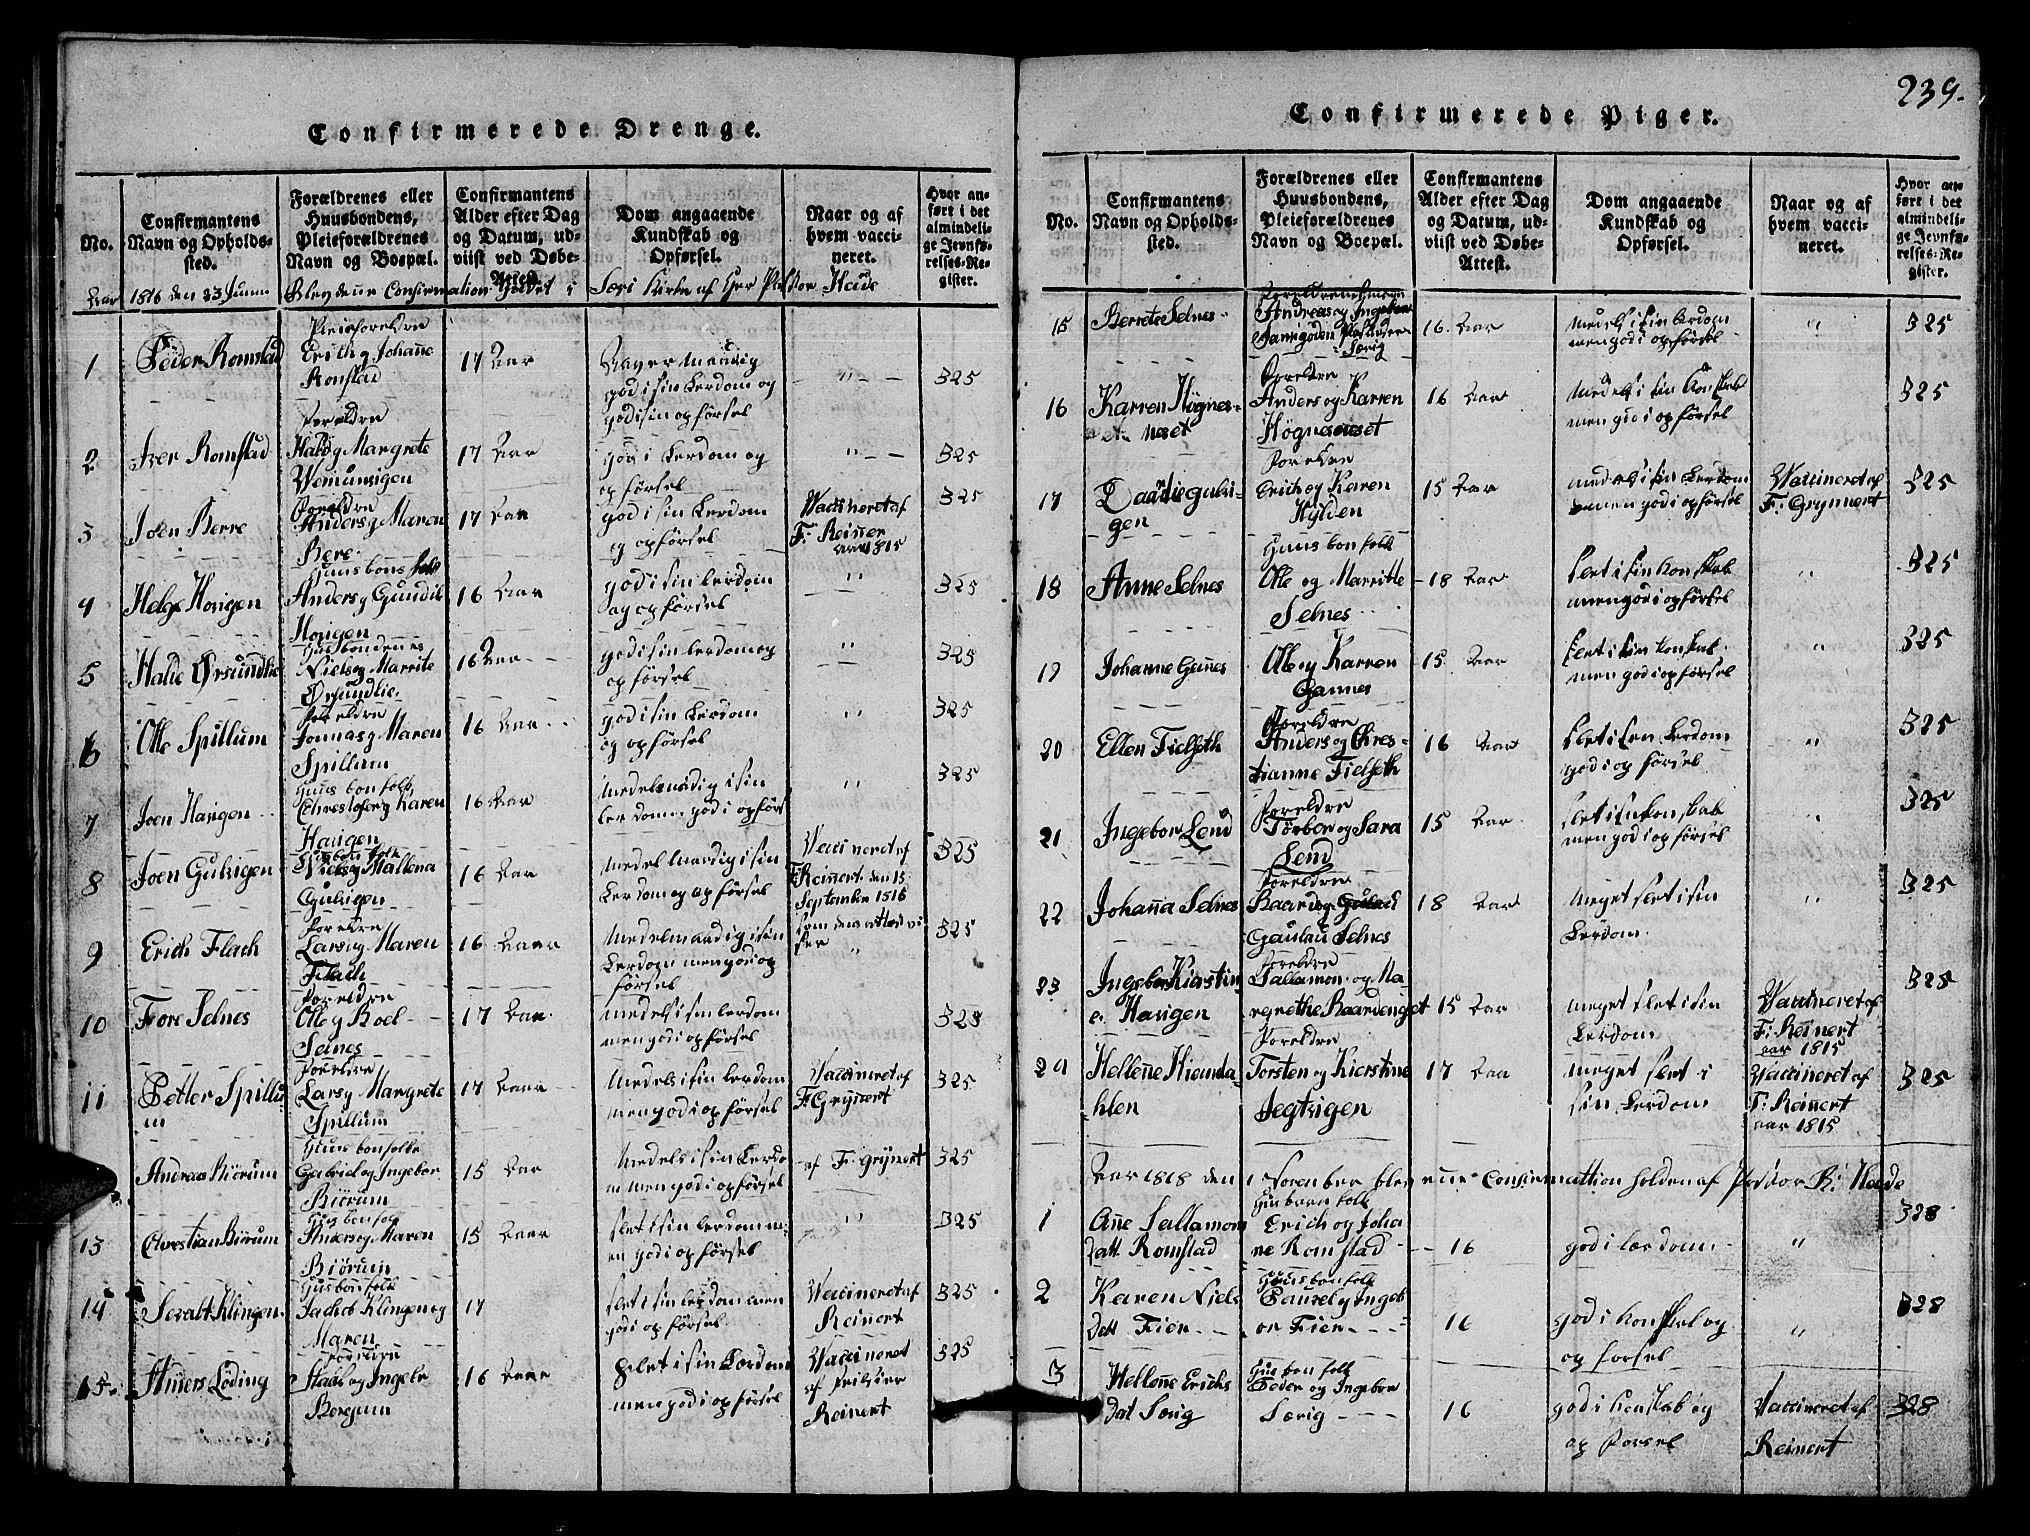 SAT, Ministerialprotokoller, klokkerbøker og fødselsregistre - Nord-Trøndelag, 770/L0590: Klokkerbok nr. 770C01, 1815-1824, s. 239